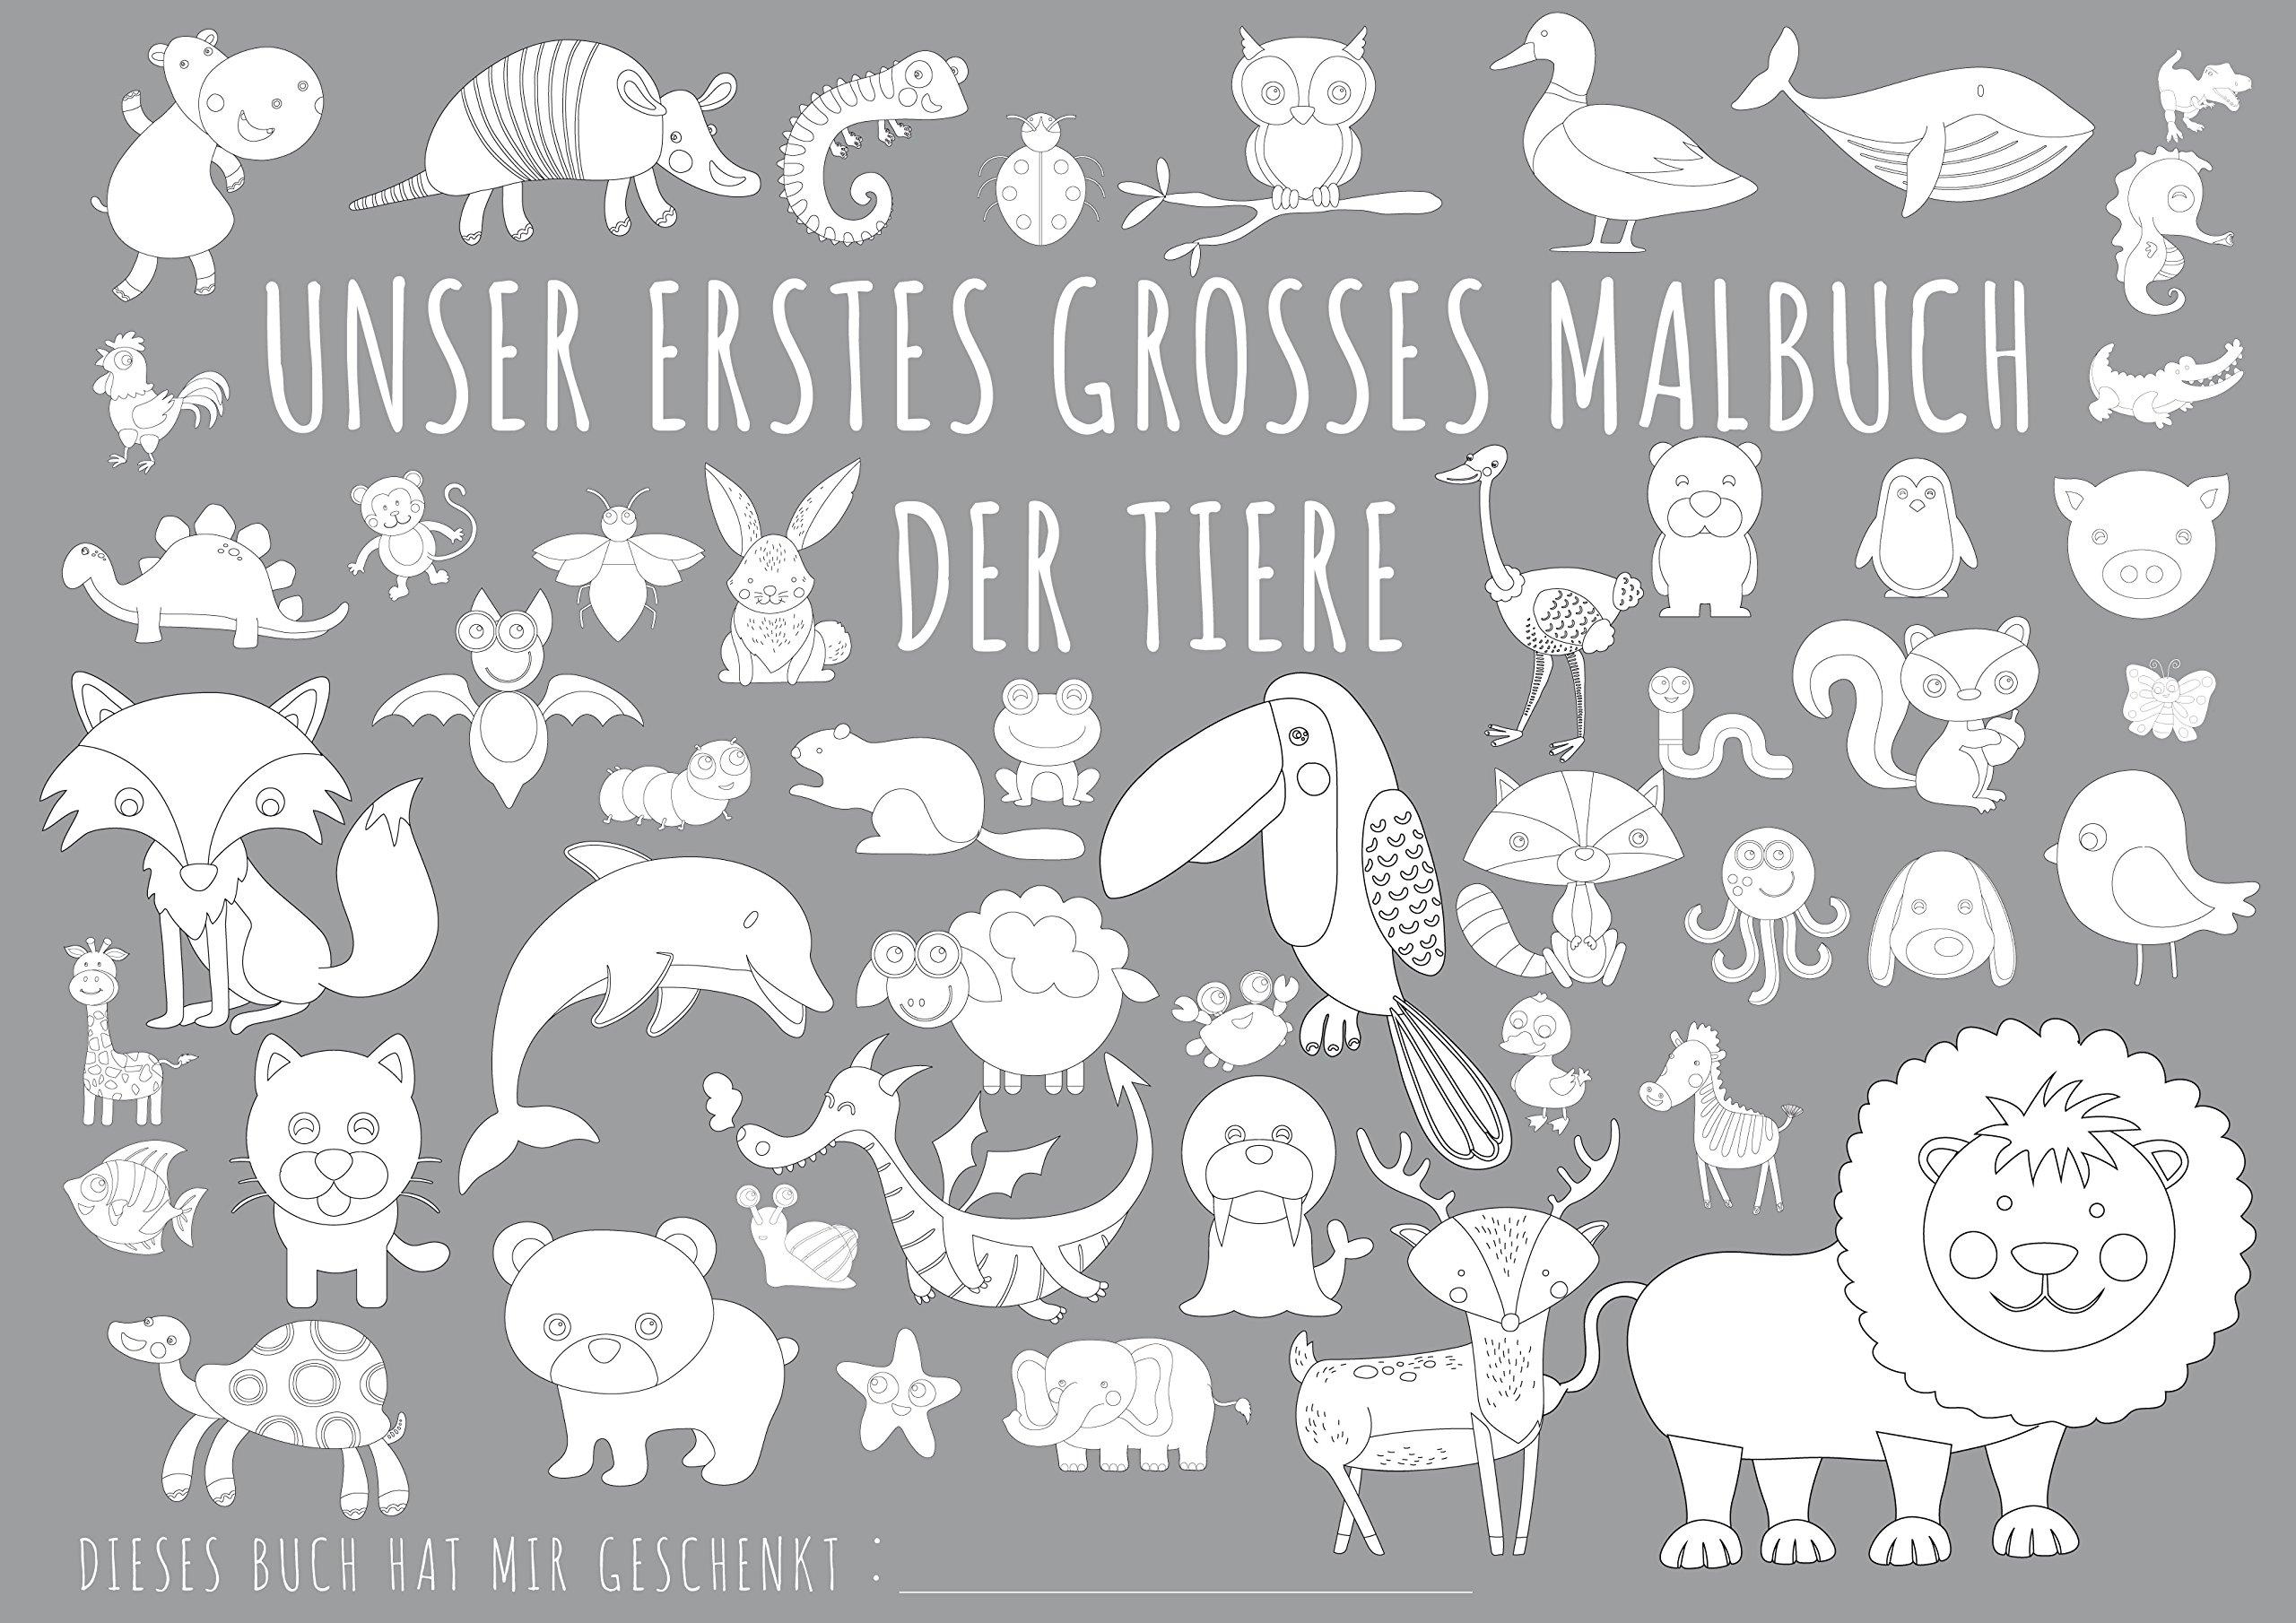 Malbuch Tiere - UNSER ERSTES GROßES MALBUCH - TIERE: 9783946739777 ...